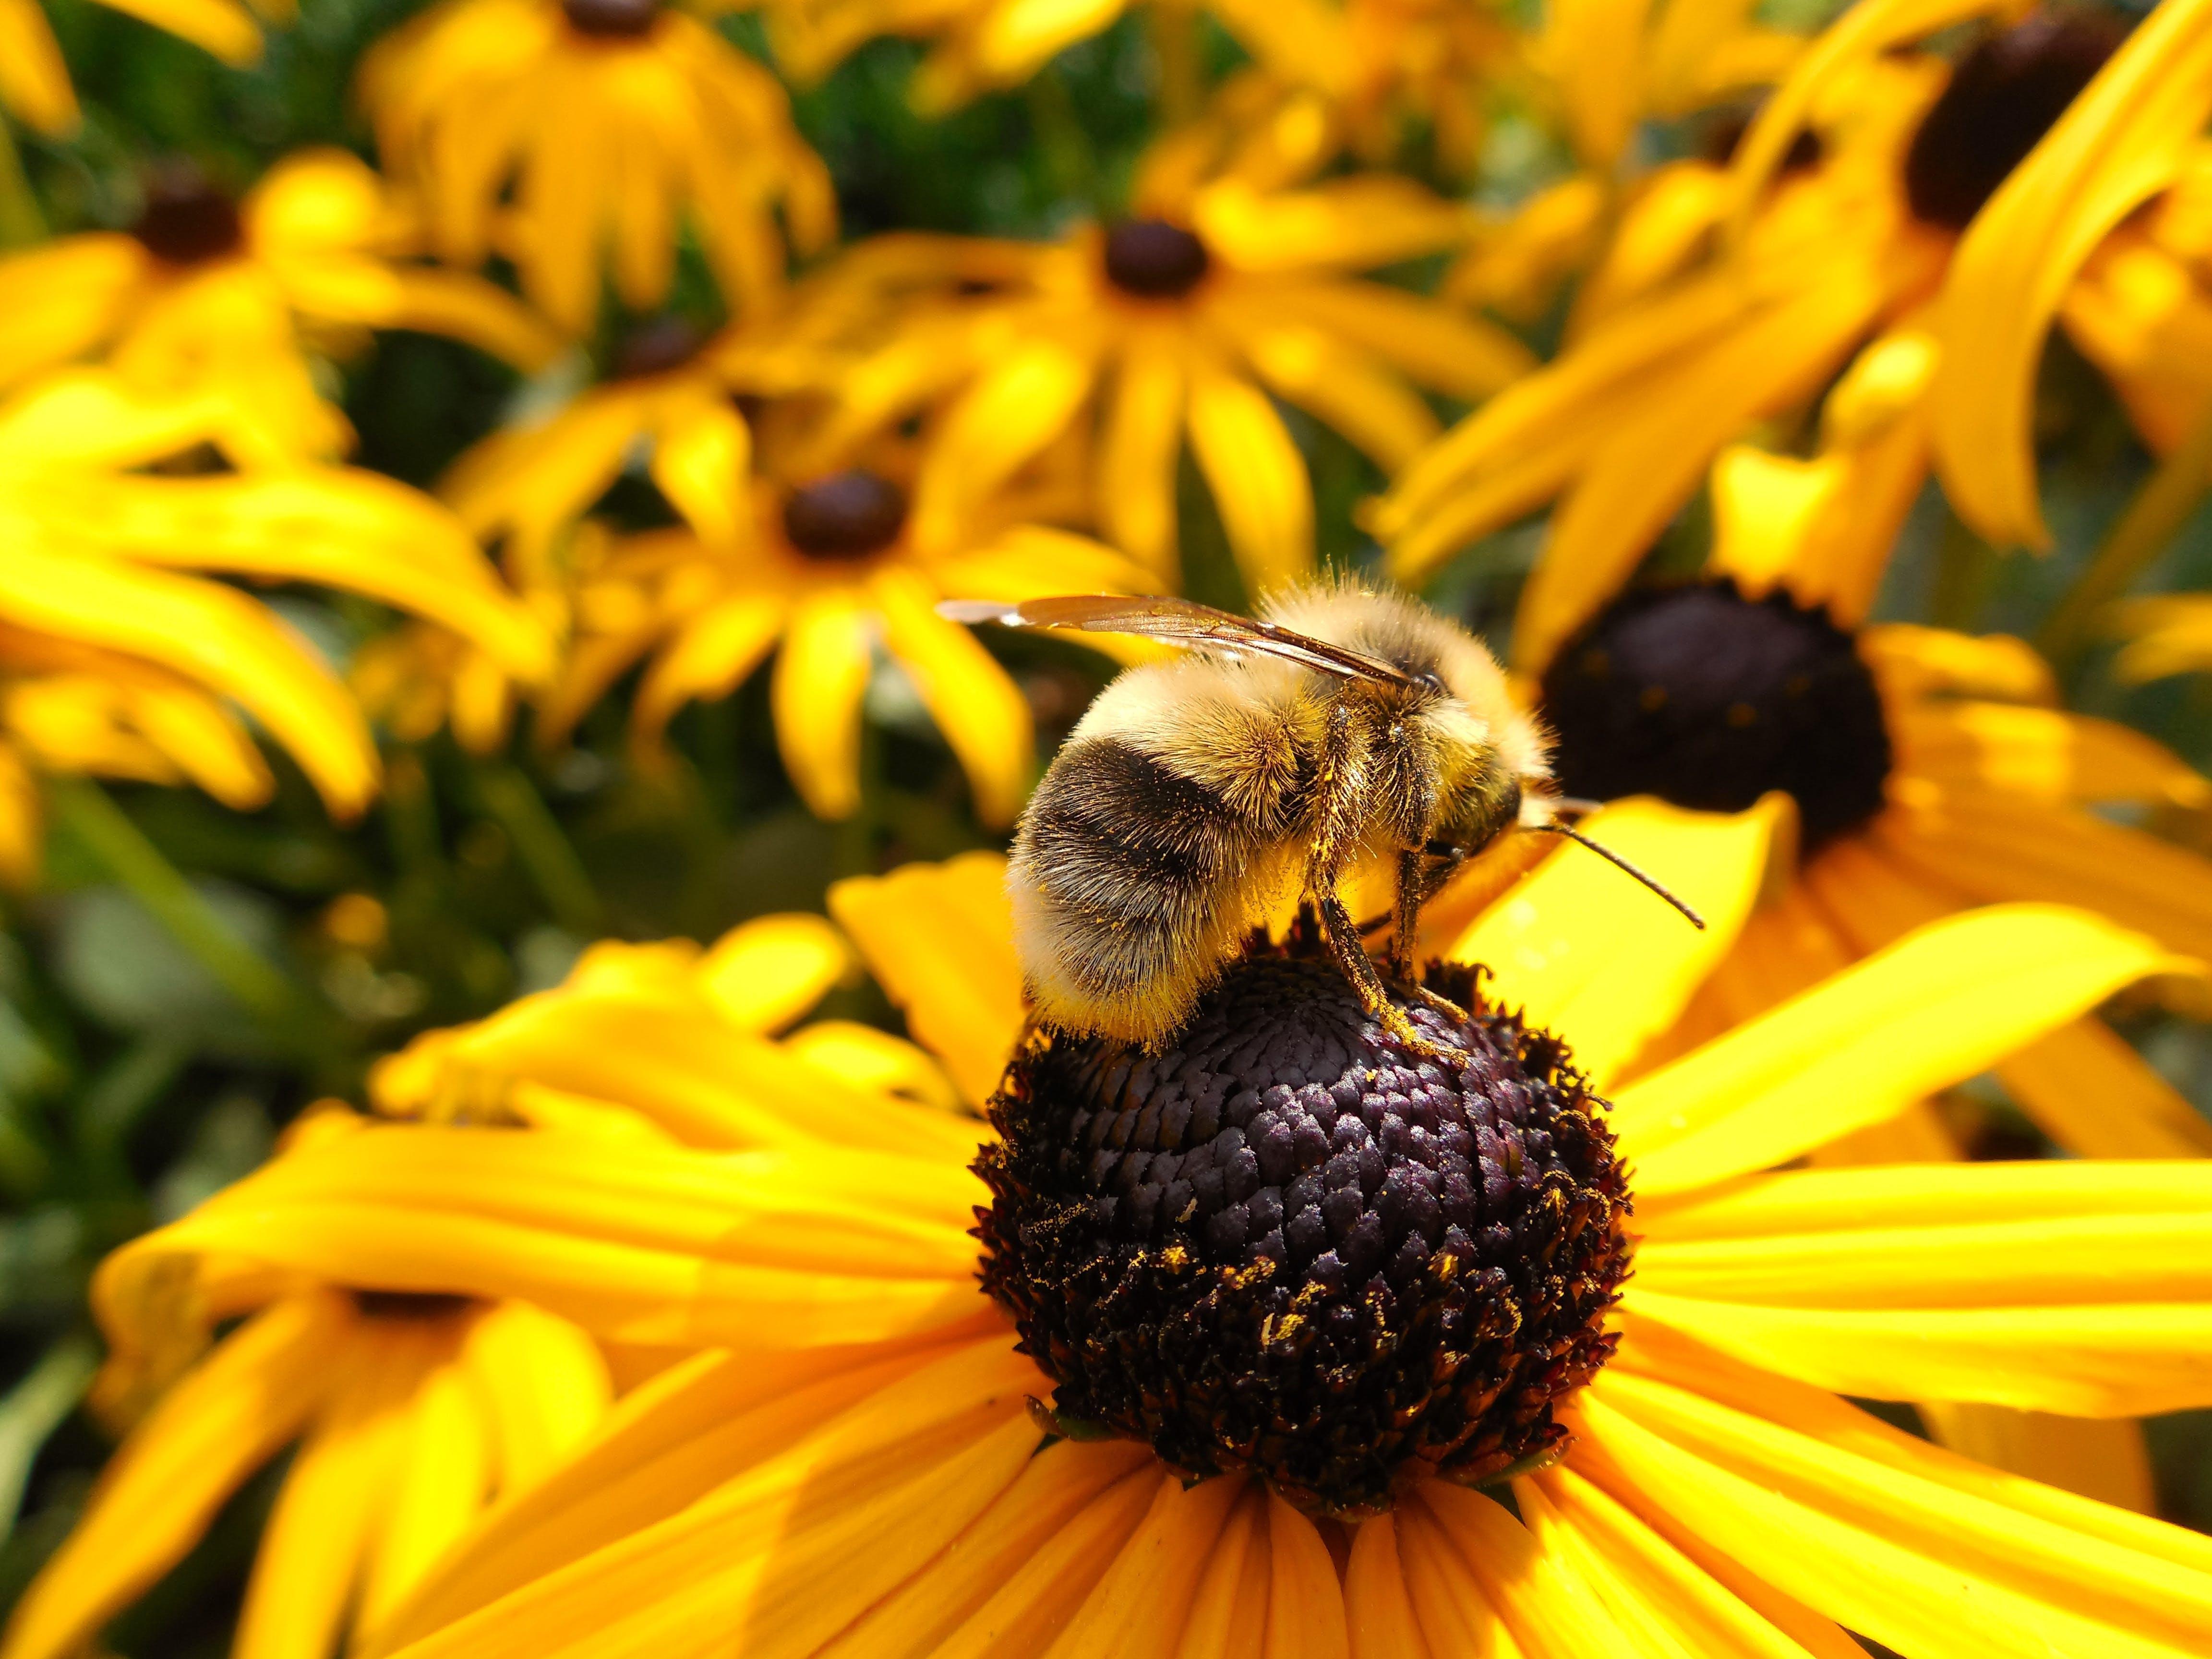 Macro Photography of Bumblebee on Flower